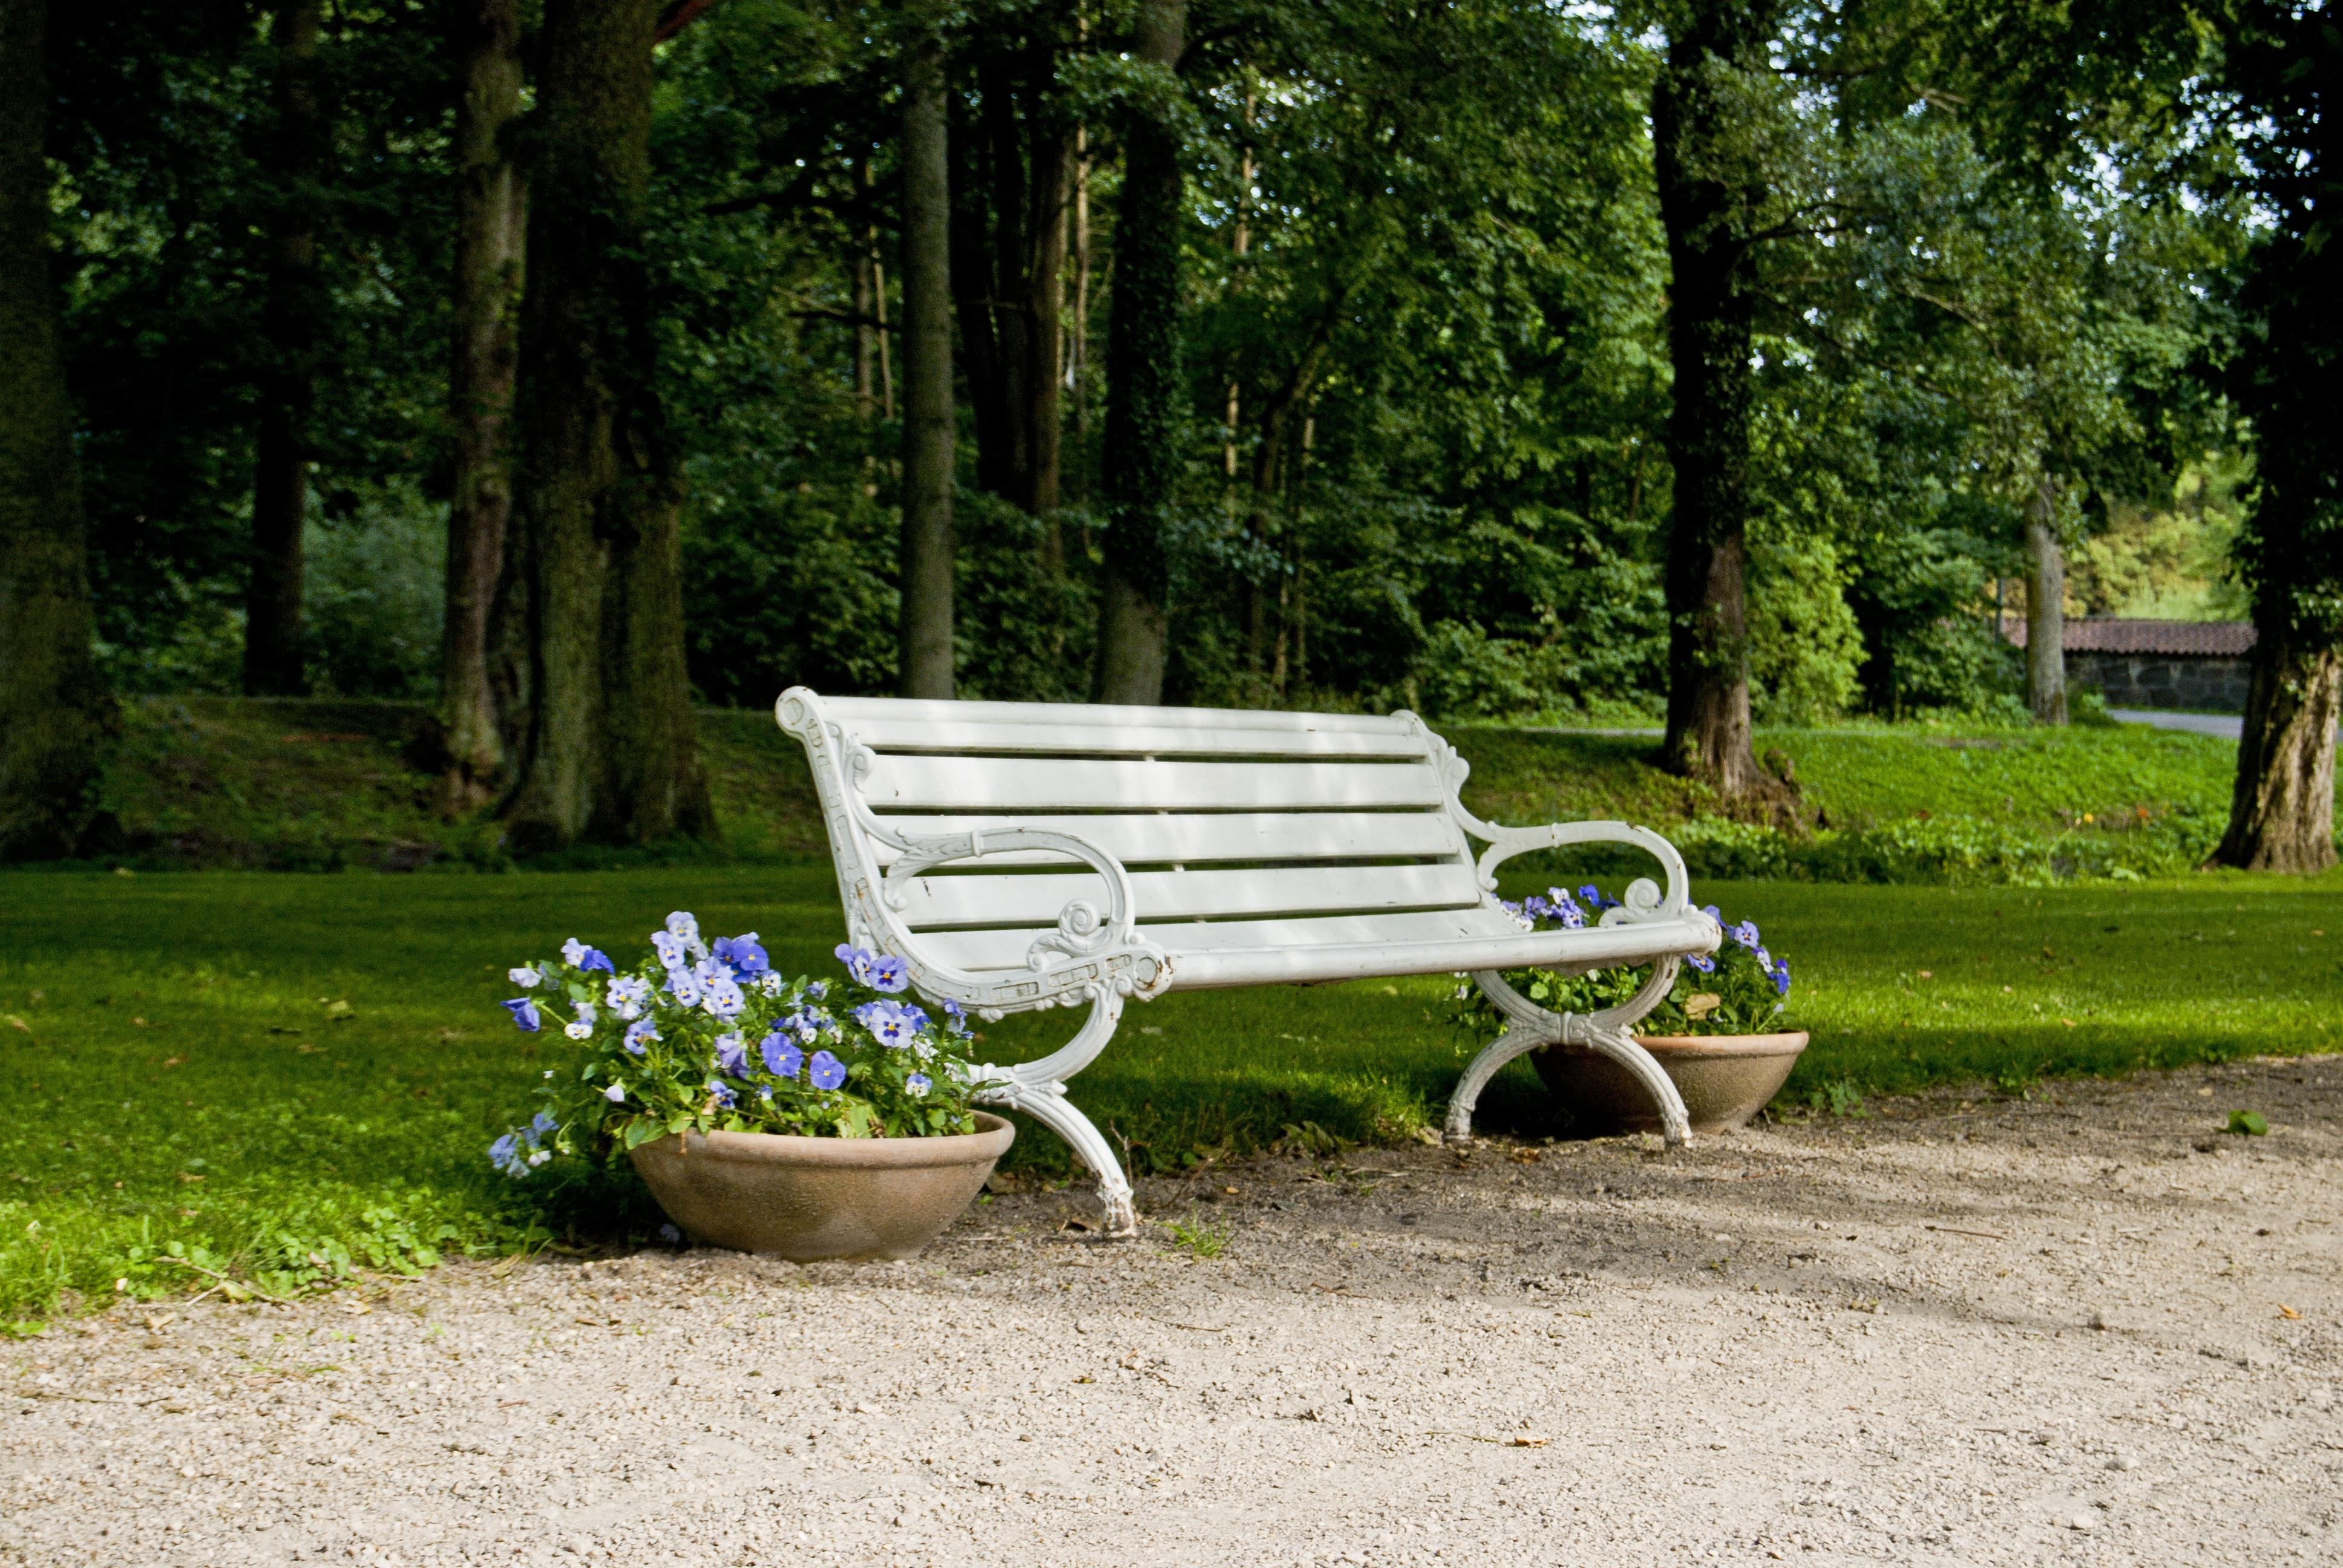 Fotos gratis : árbol, césped, banco, flor, patio interior, romántico ...